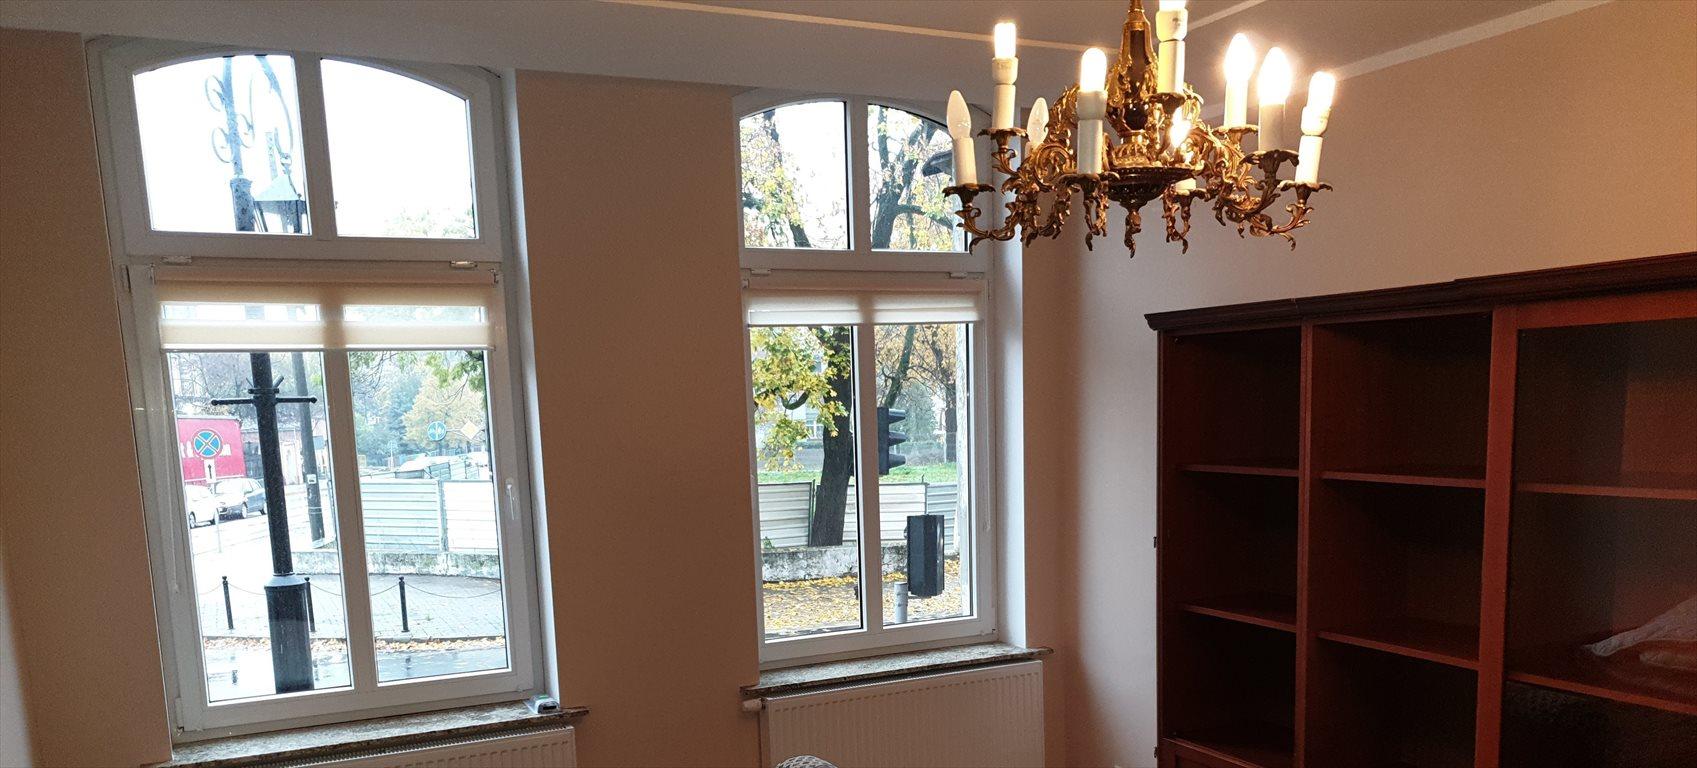 Mieszkanie dwupokojowe na wynajem Gniezno, Wyszyńskiego  62m2 Foto 2